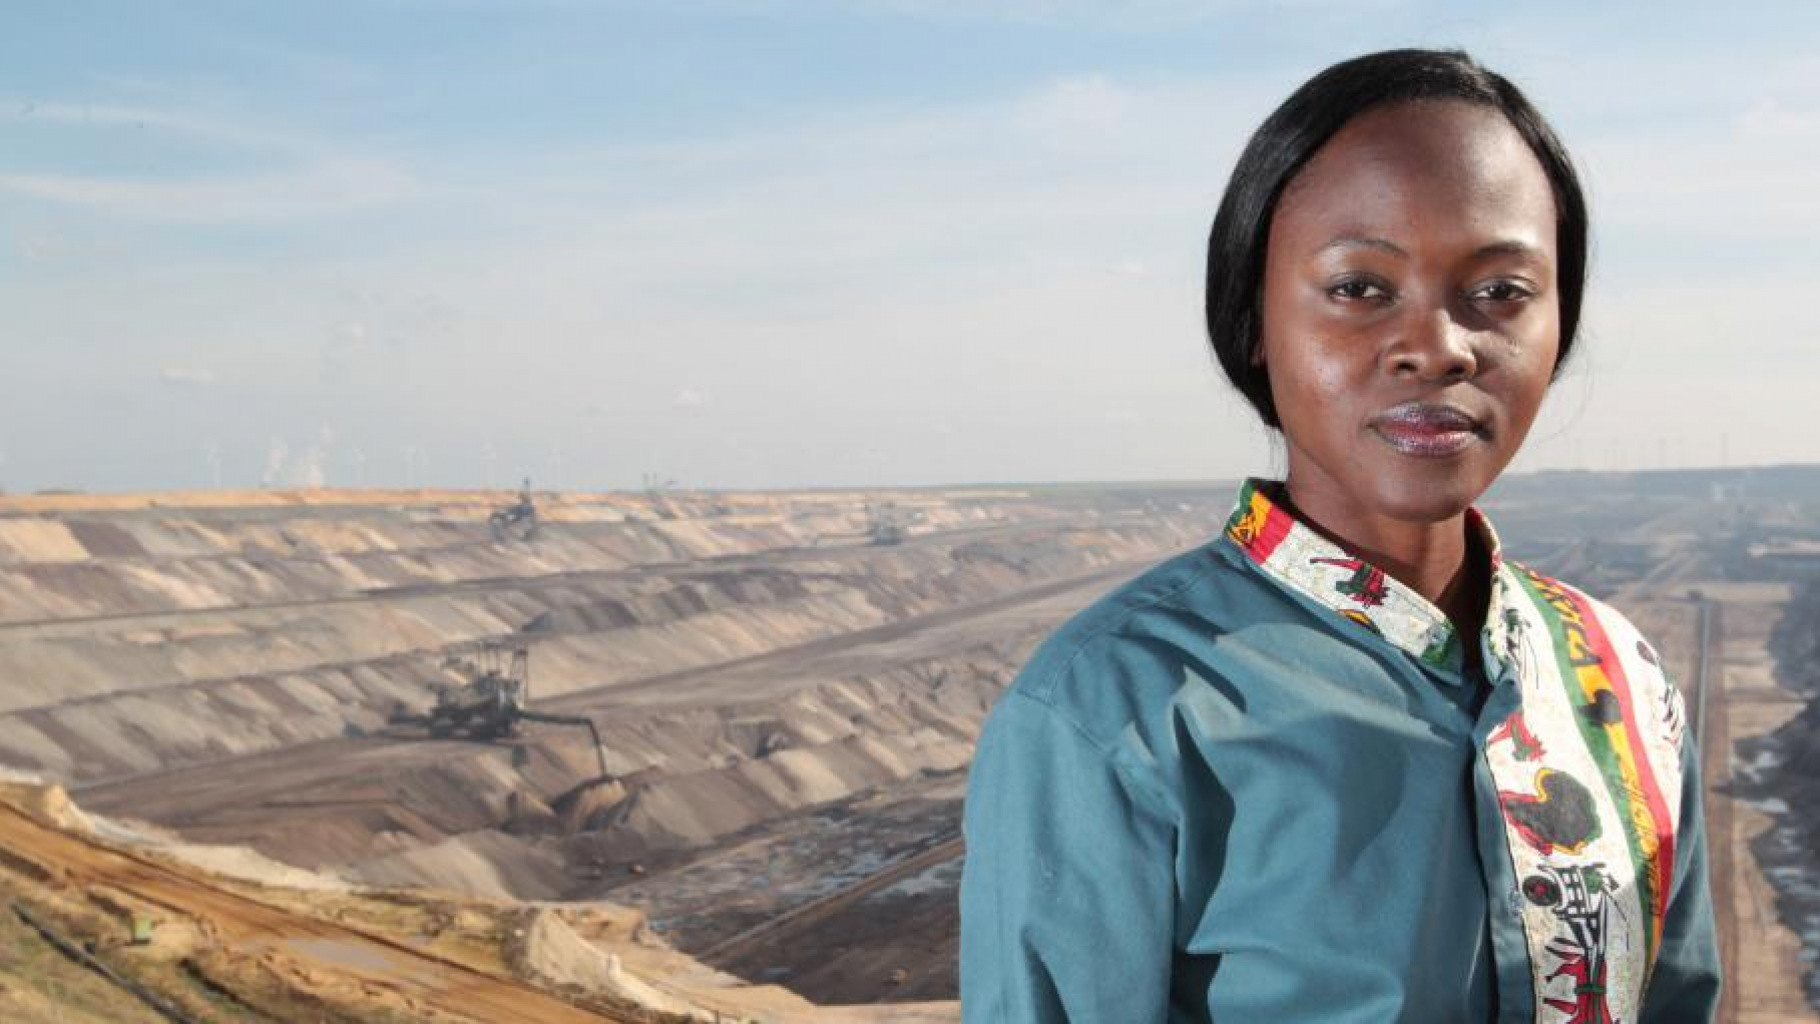 Chinma George vor dem Braunkohletagebau Garzweiler von RWE. Sie war in Deutschland unterwegs, um vor den Folgen des Klimawandels zu warnen.